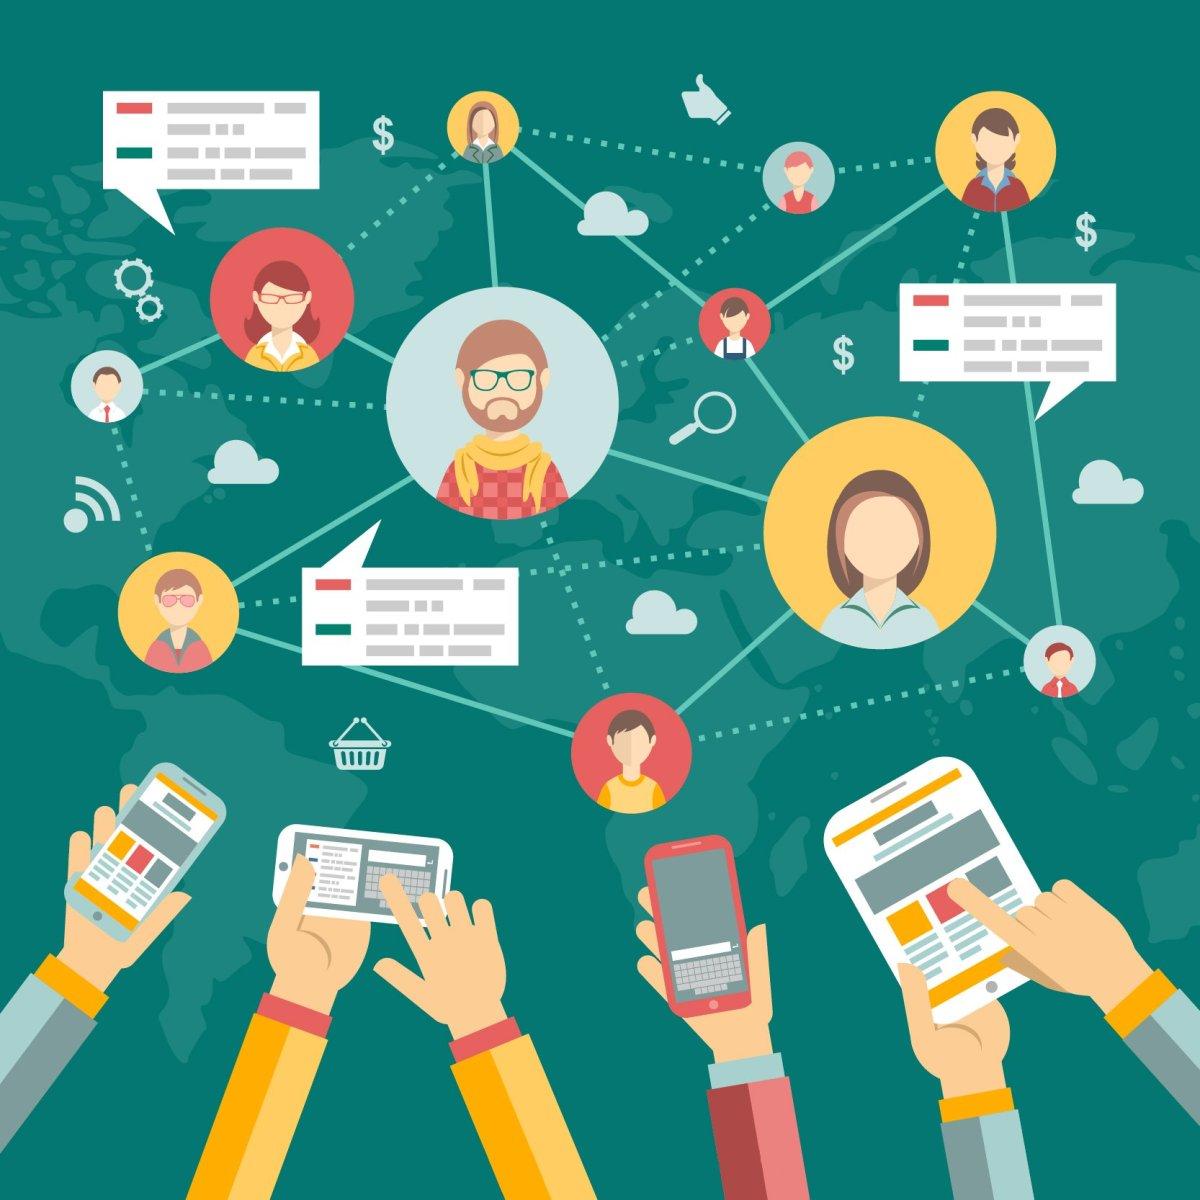 Monitorización en Redes Sociales, controlando lainformación